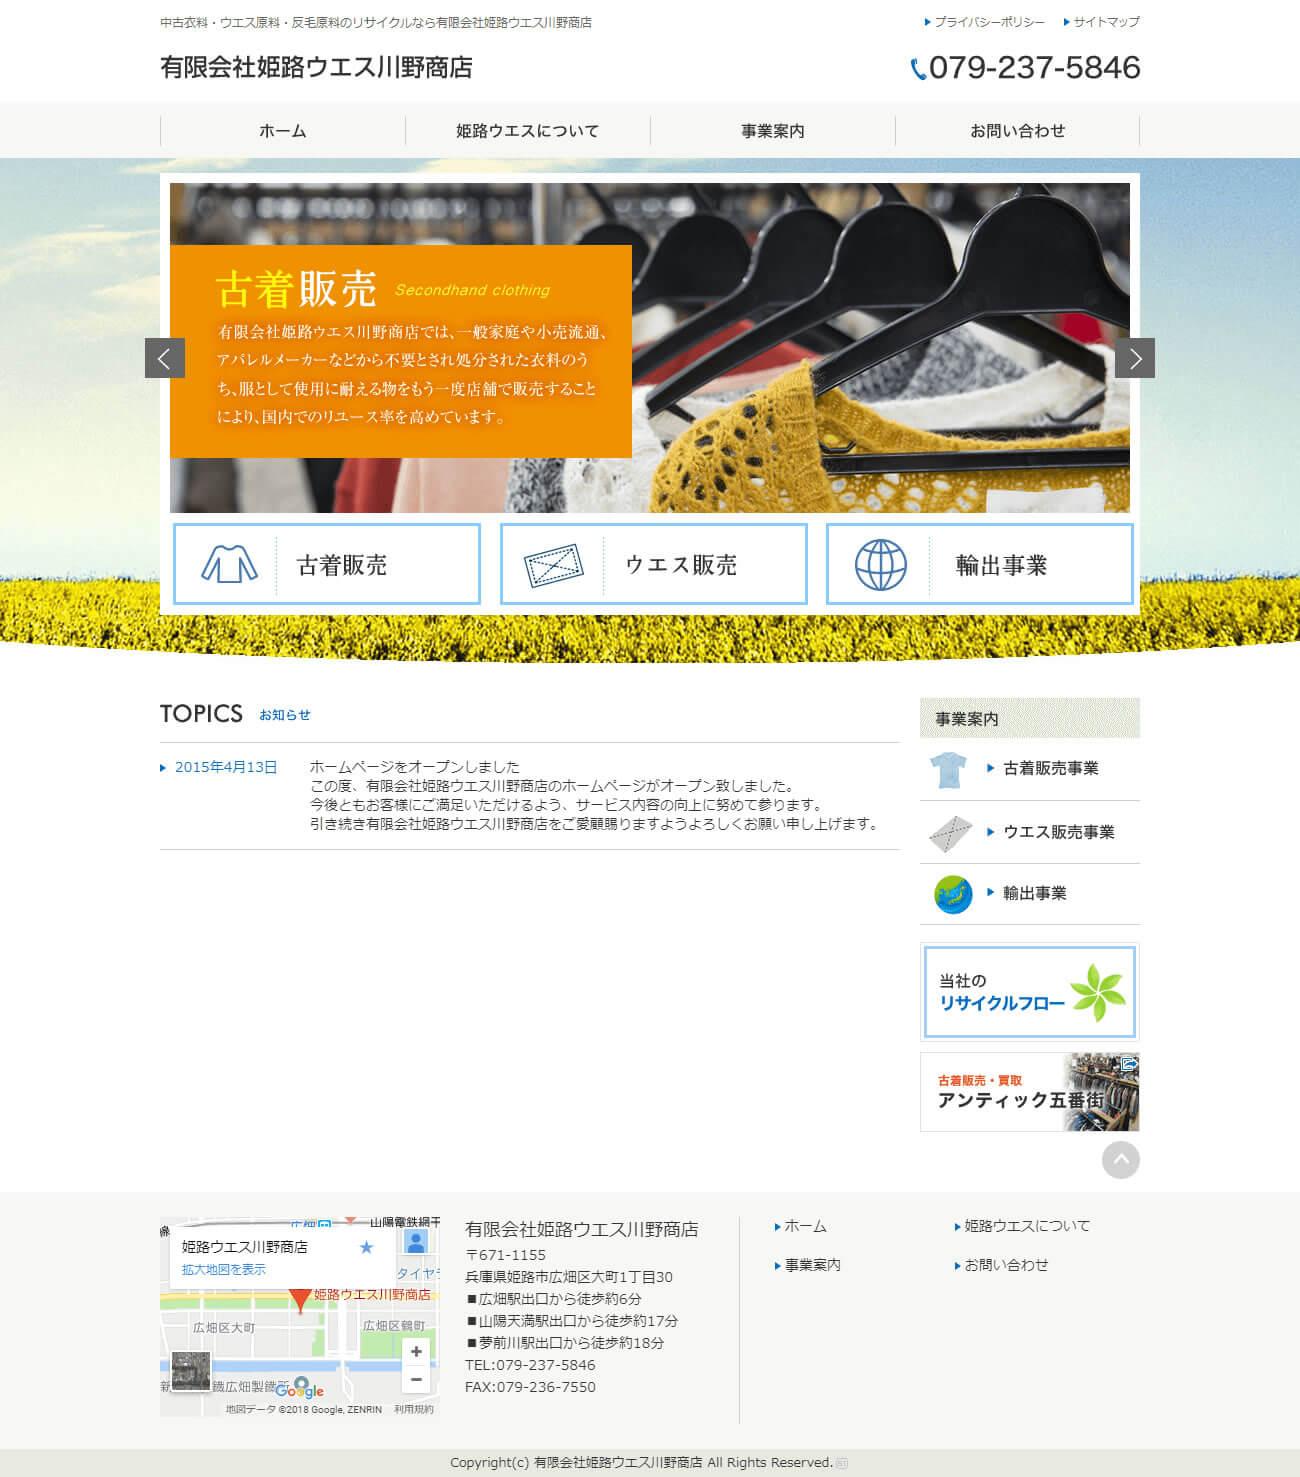 姫路市 有限会社姫路ウエス川野商店様 ホームページ制作1